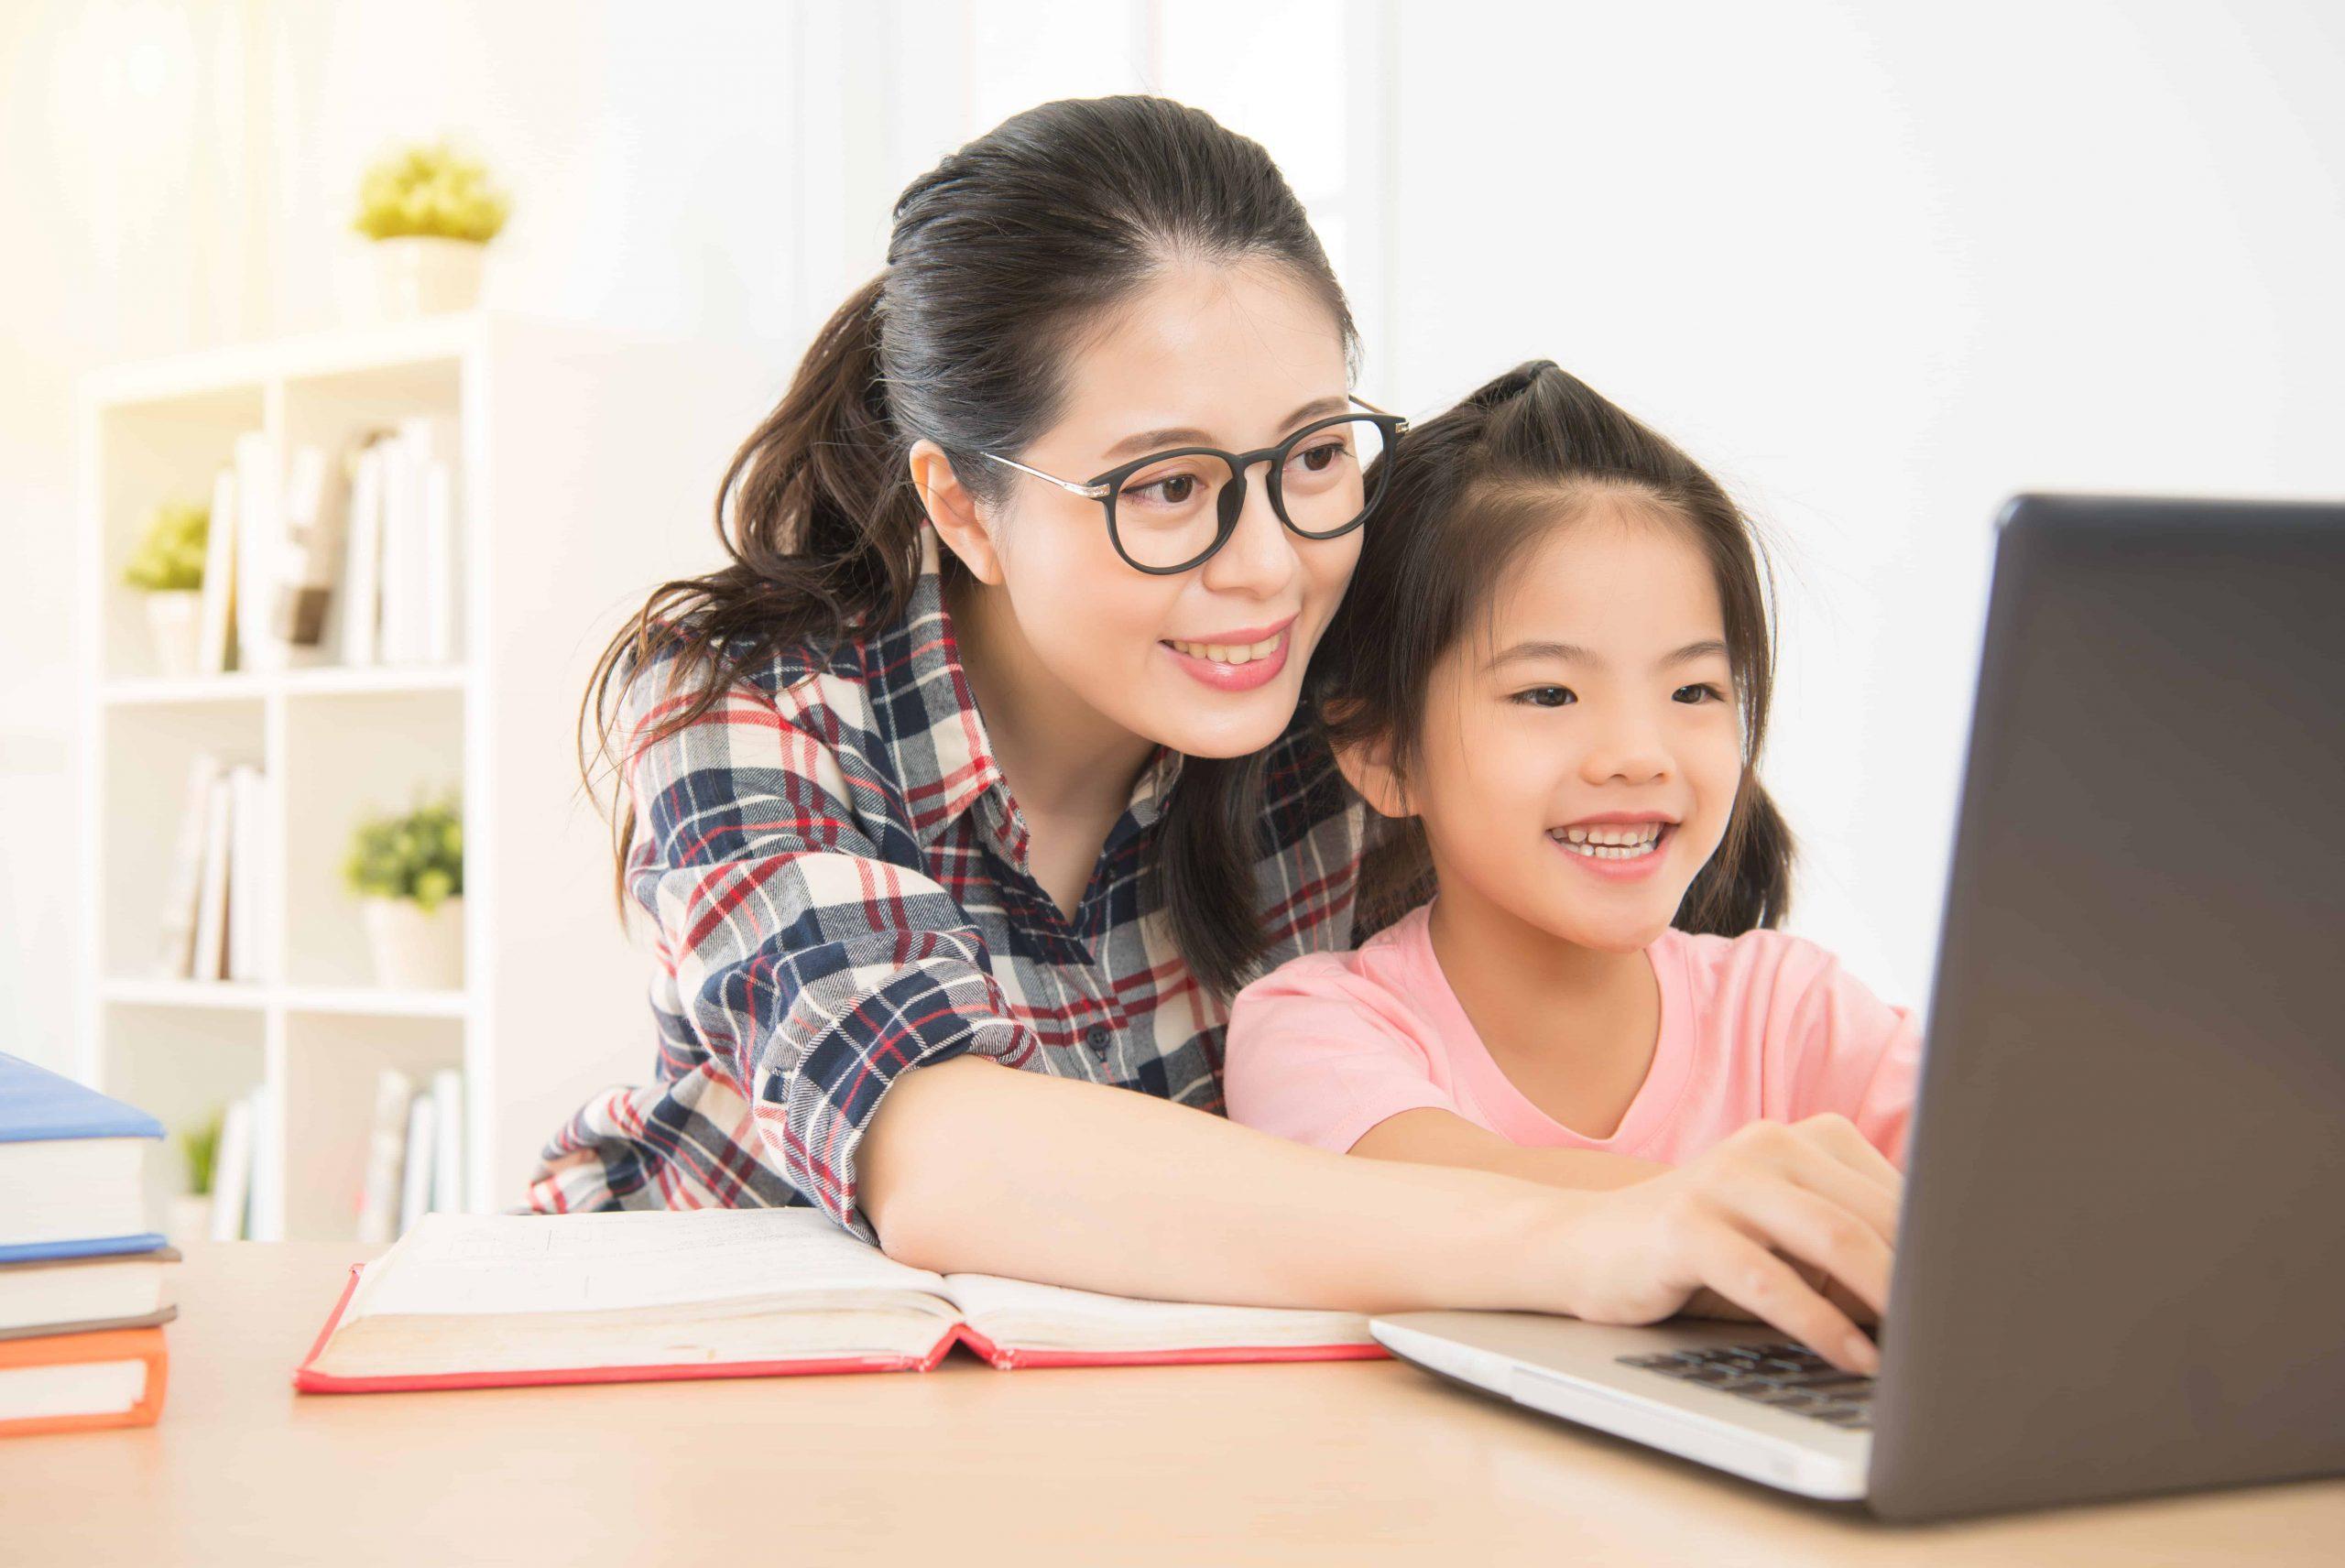 Kinder Laptop: Test & Empfehlungen (04/21)